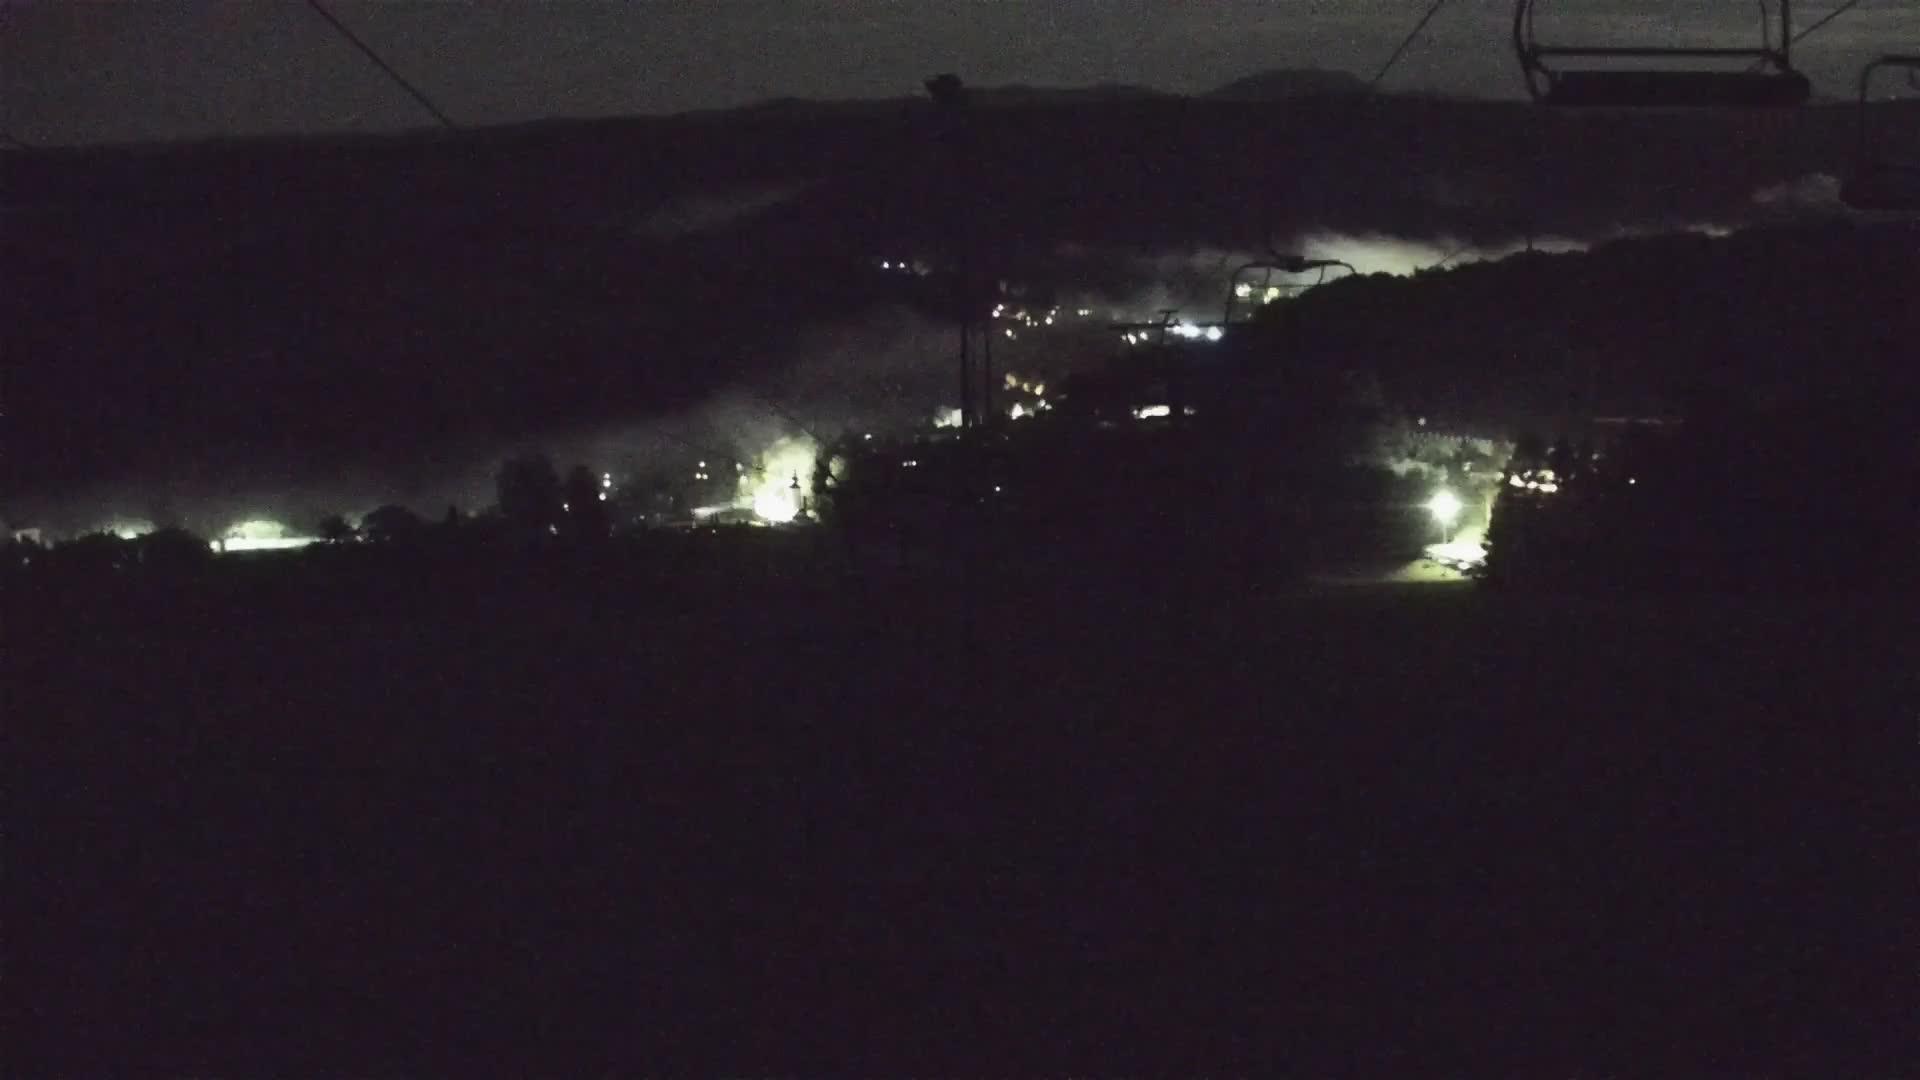 Stok narciarski Słotwiny